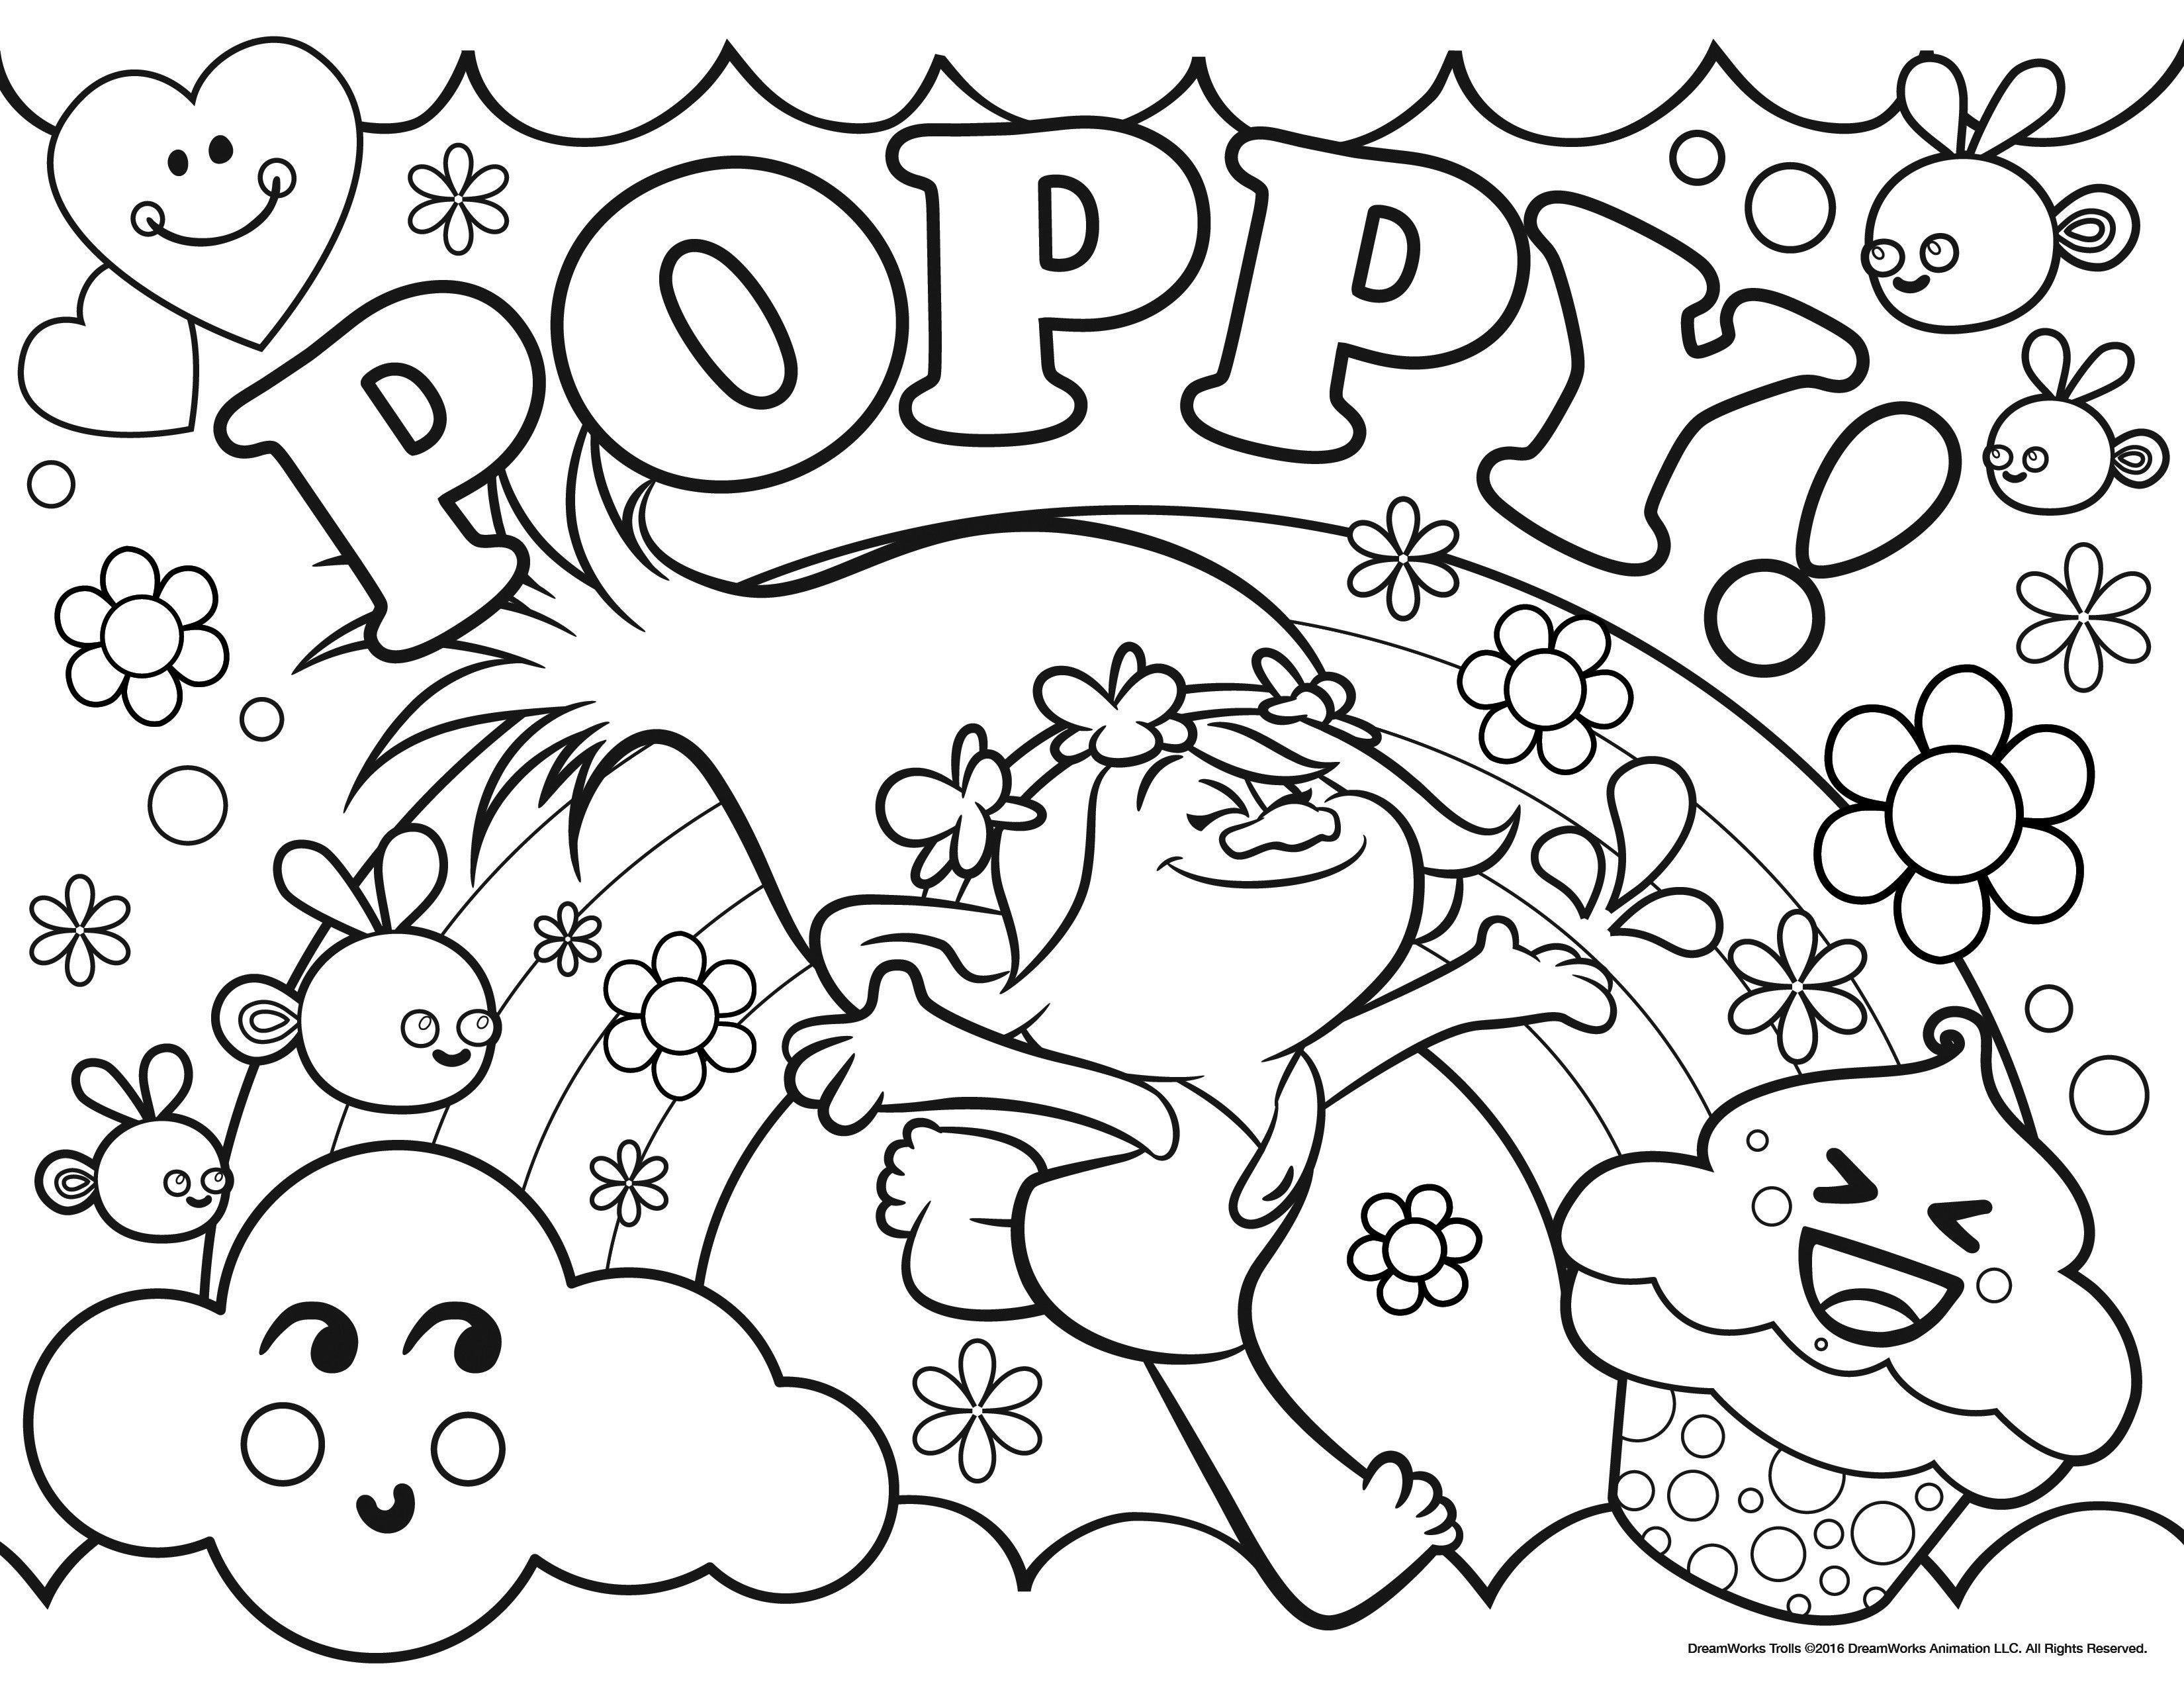 Magnifique coloriage  imprimer des Trolls avec la Princesse Poppy